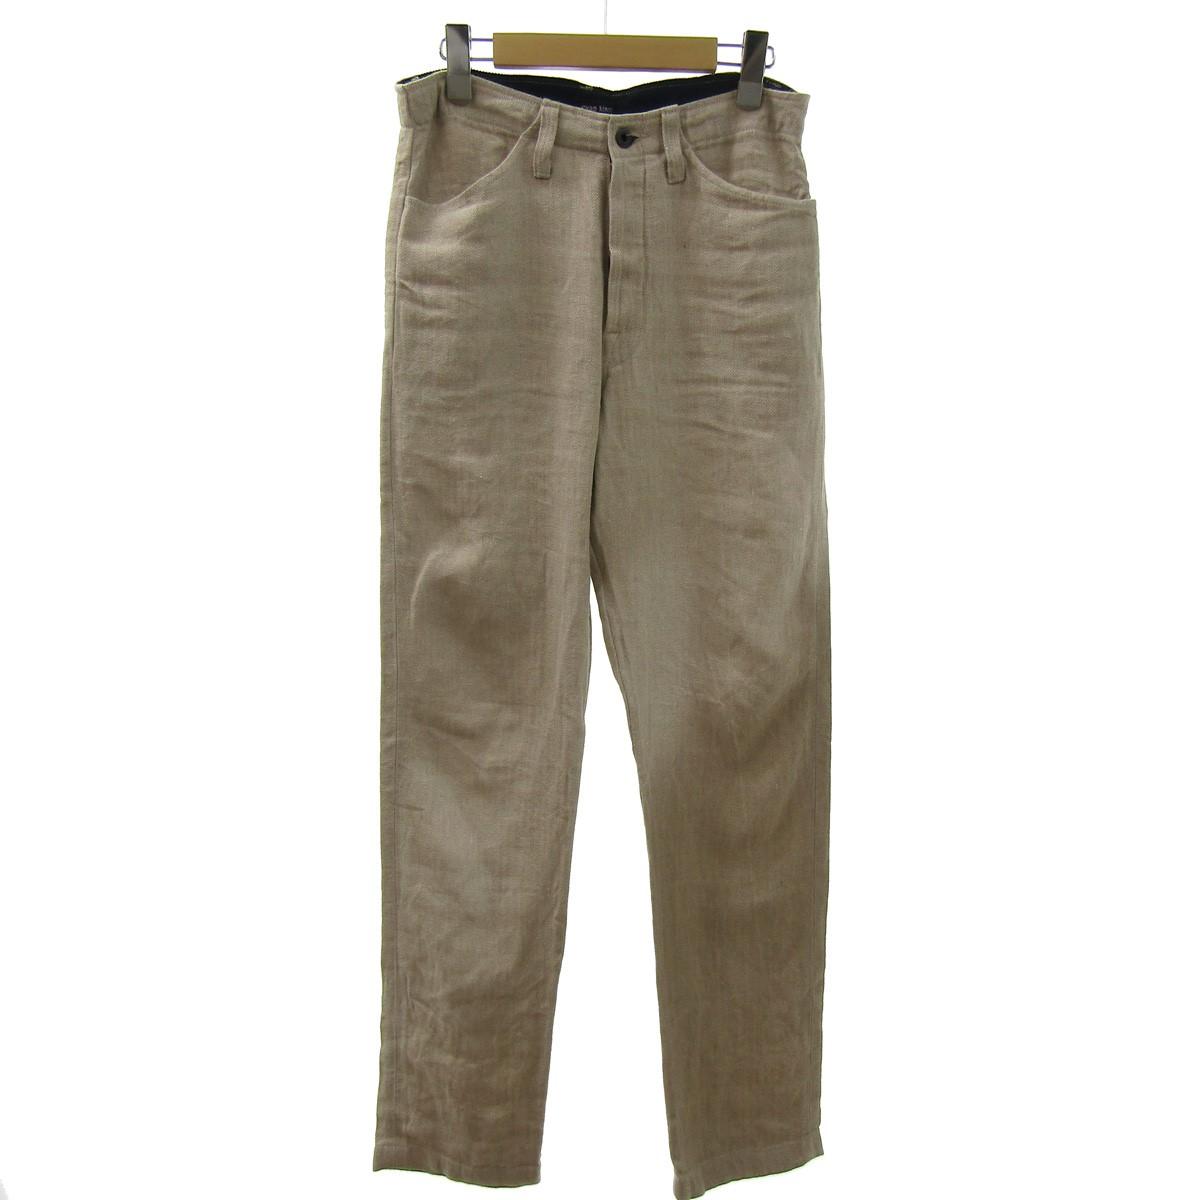 メンズファッション, ズボン・パンツ evan kinori FOUR POCKET PANTS W30 080820